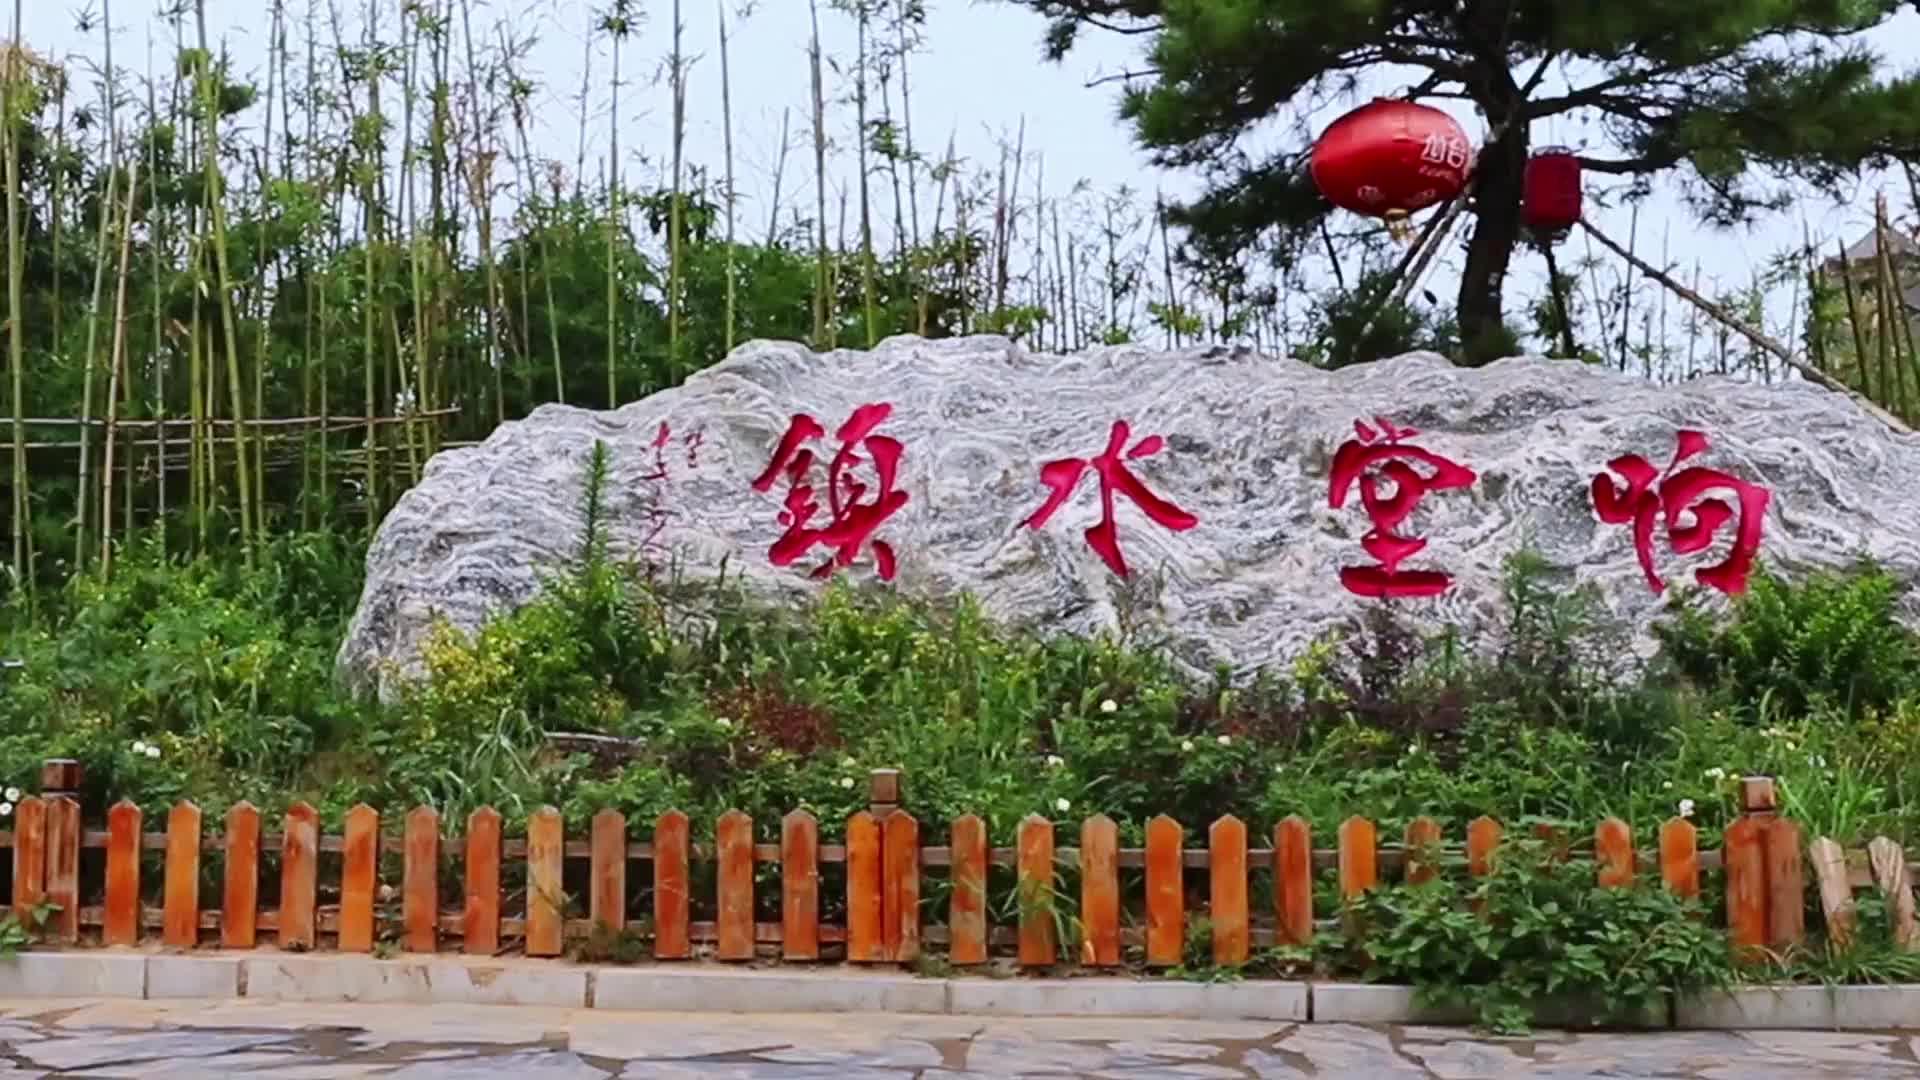 看美麗鄉村 慶70華誕丨河北省邯鄲市峰峰礦區響堂水鎮東和村